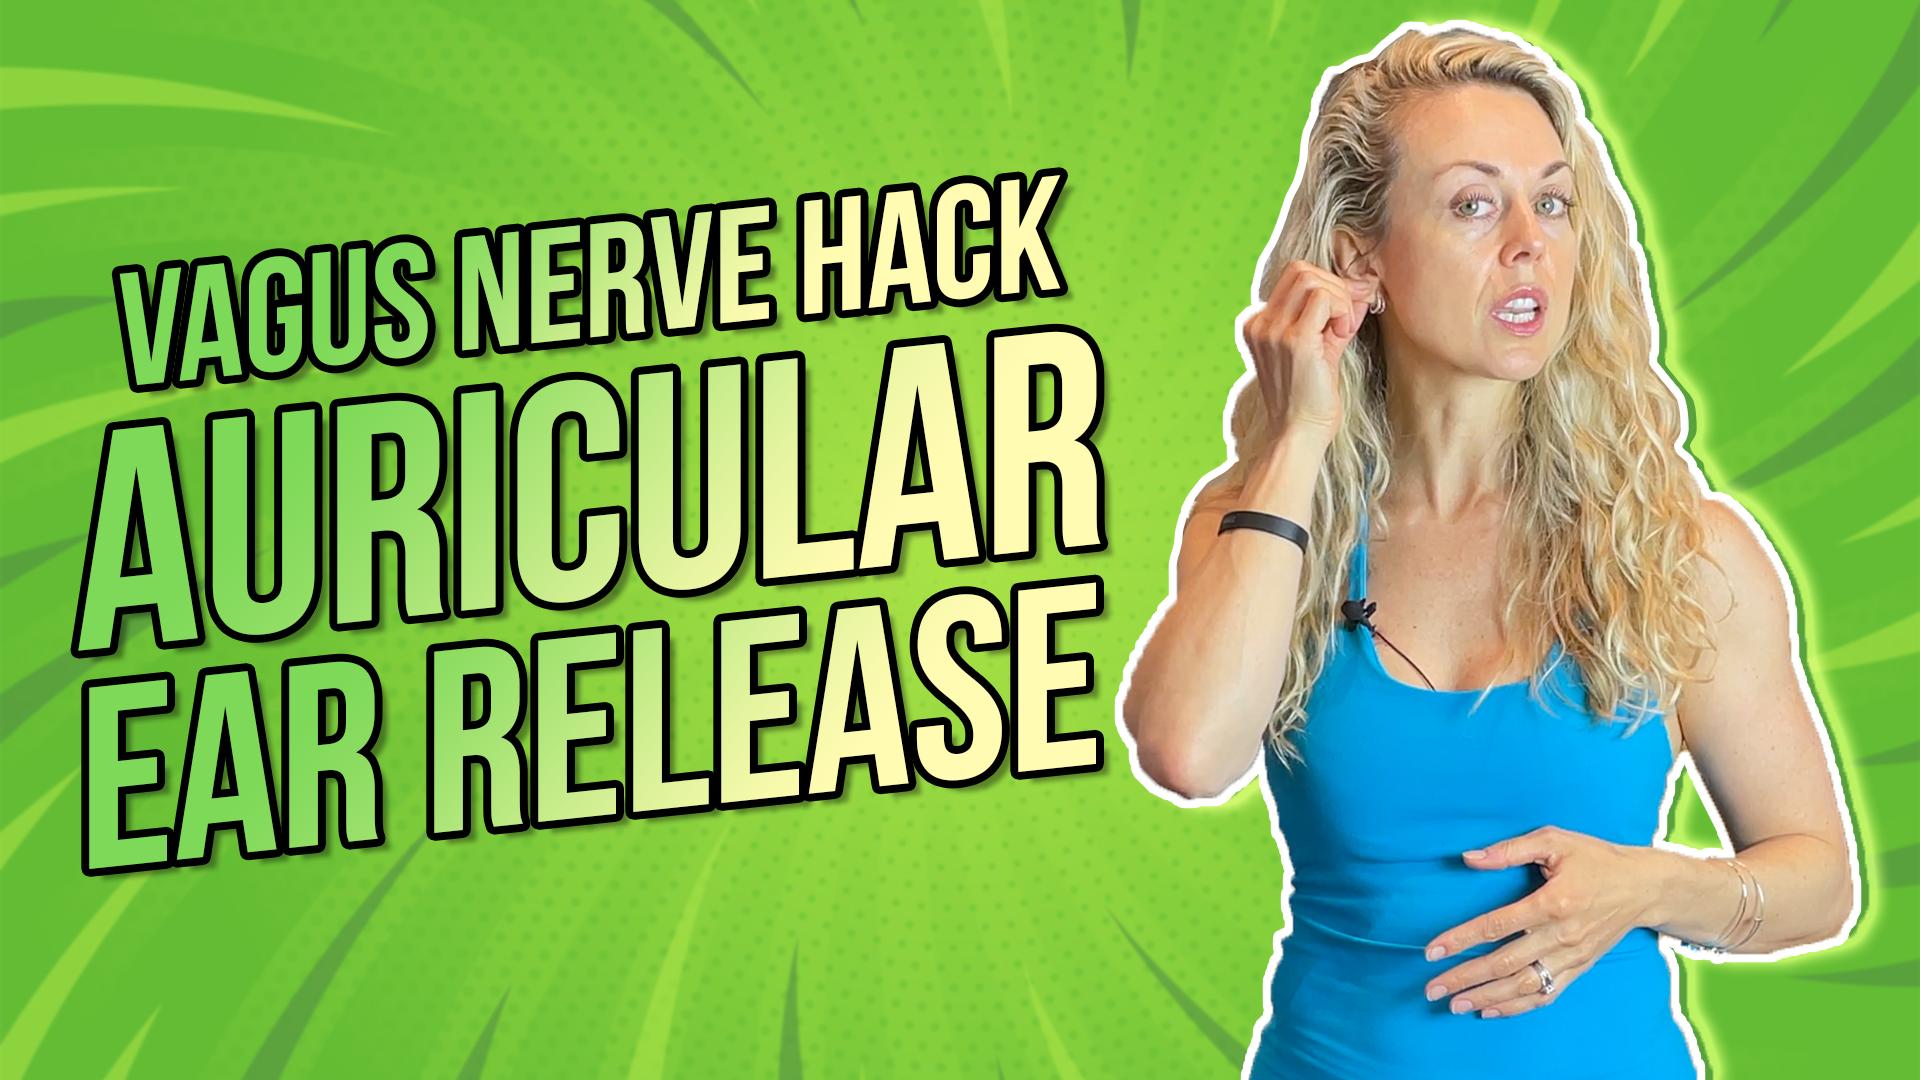 Vagus Nerve Hack | Auricular Ear Release